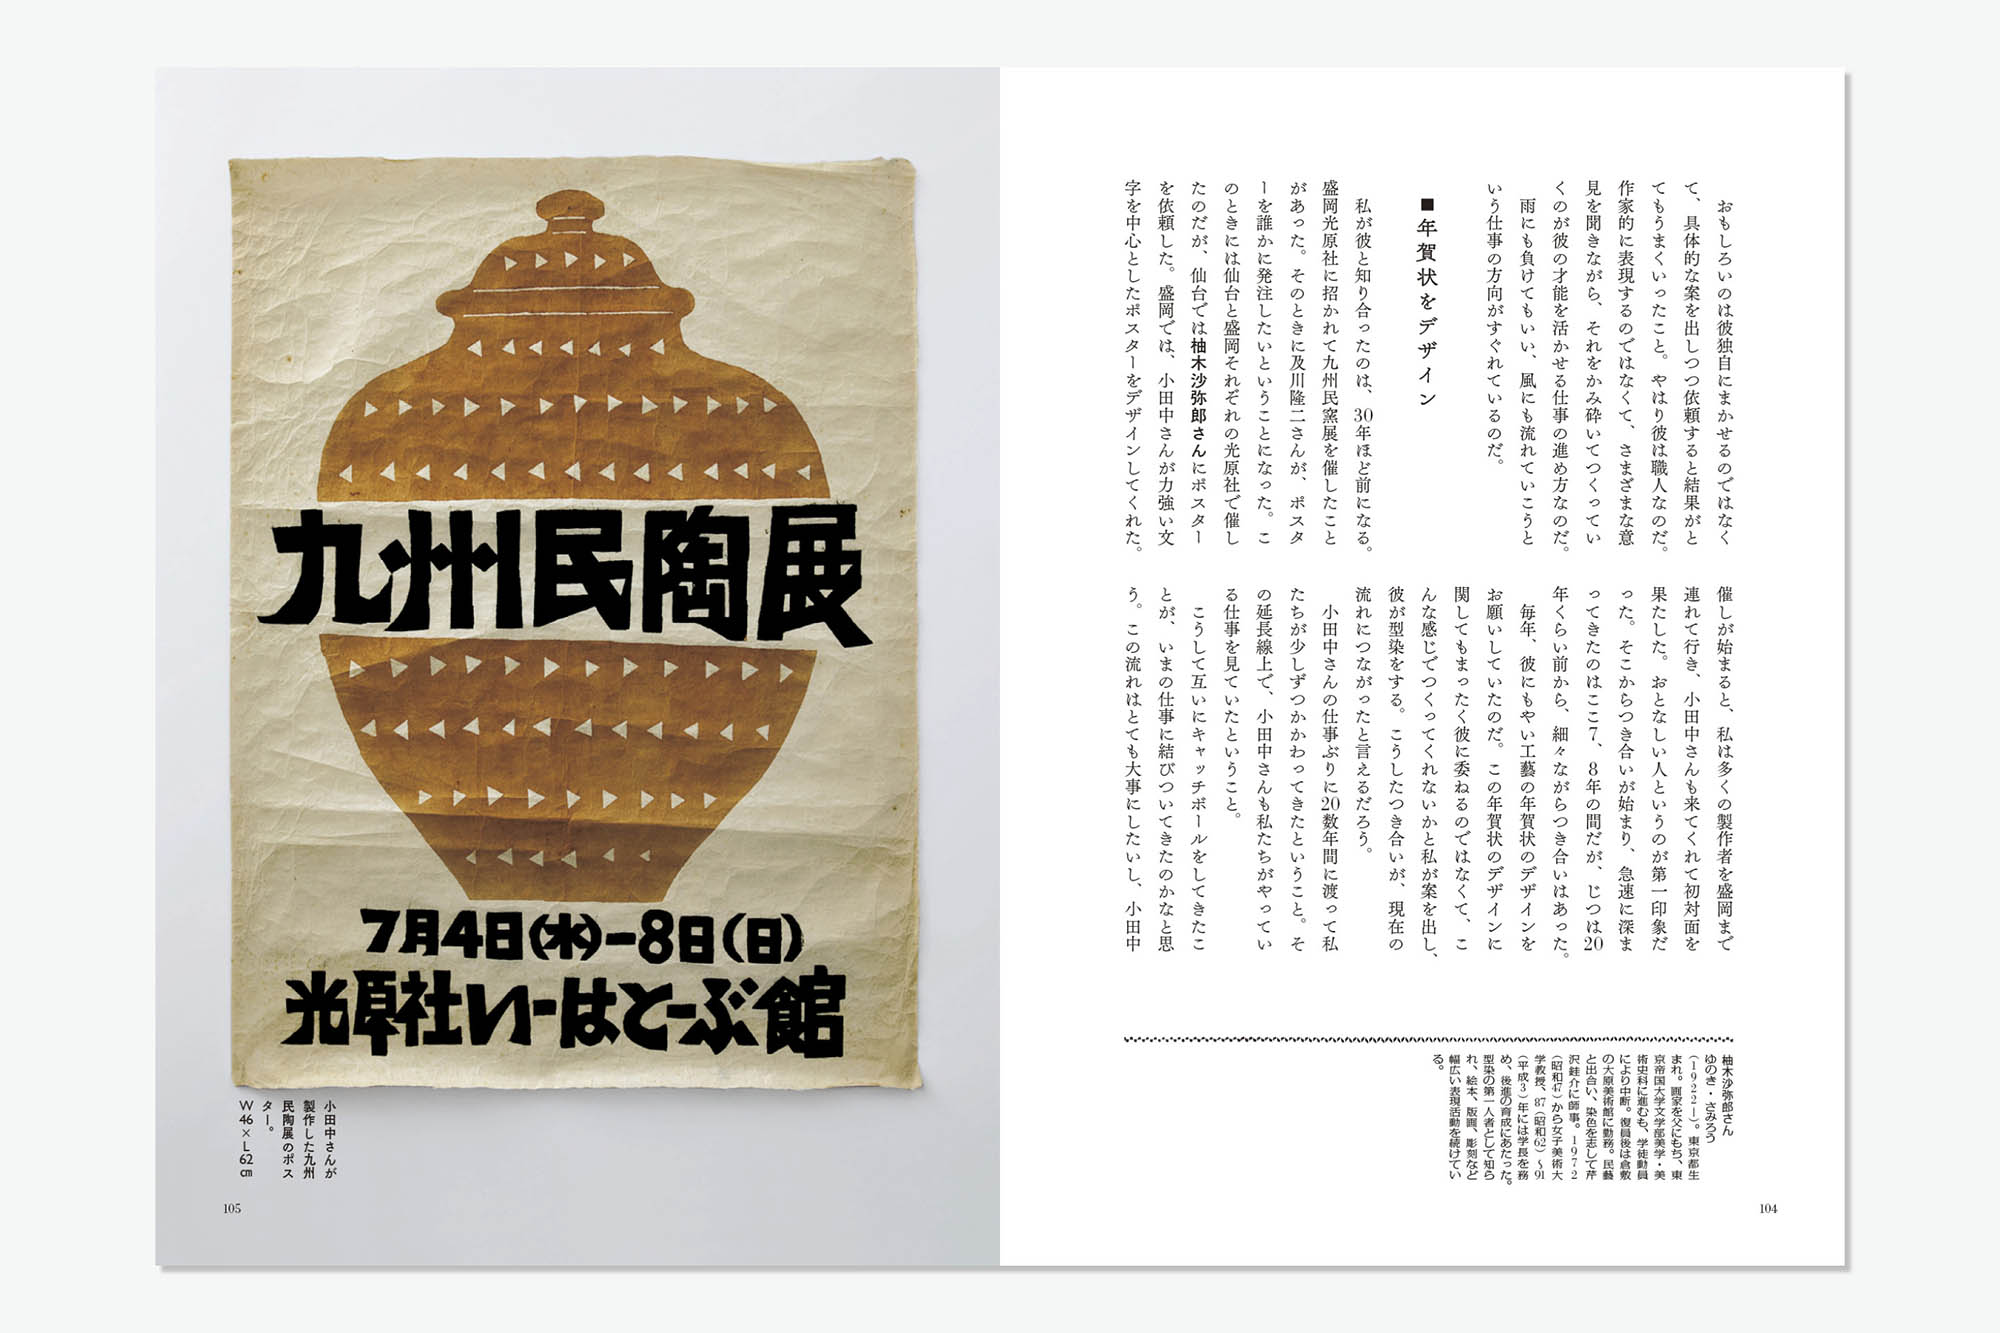 久野恵一と民藝の45年   日本の手仕事をつなぐ旅 〈いろいろ①〉 装幀 デザイン 本文